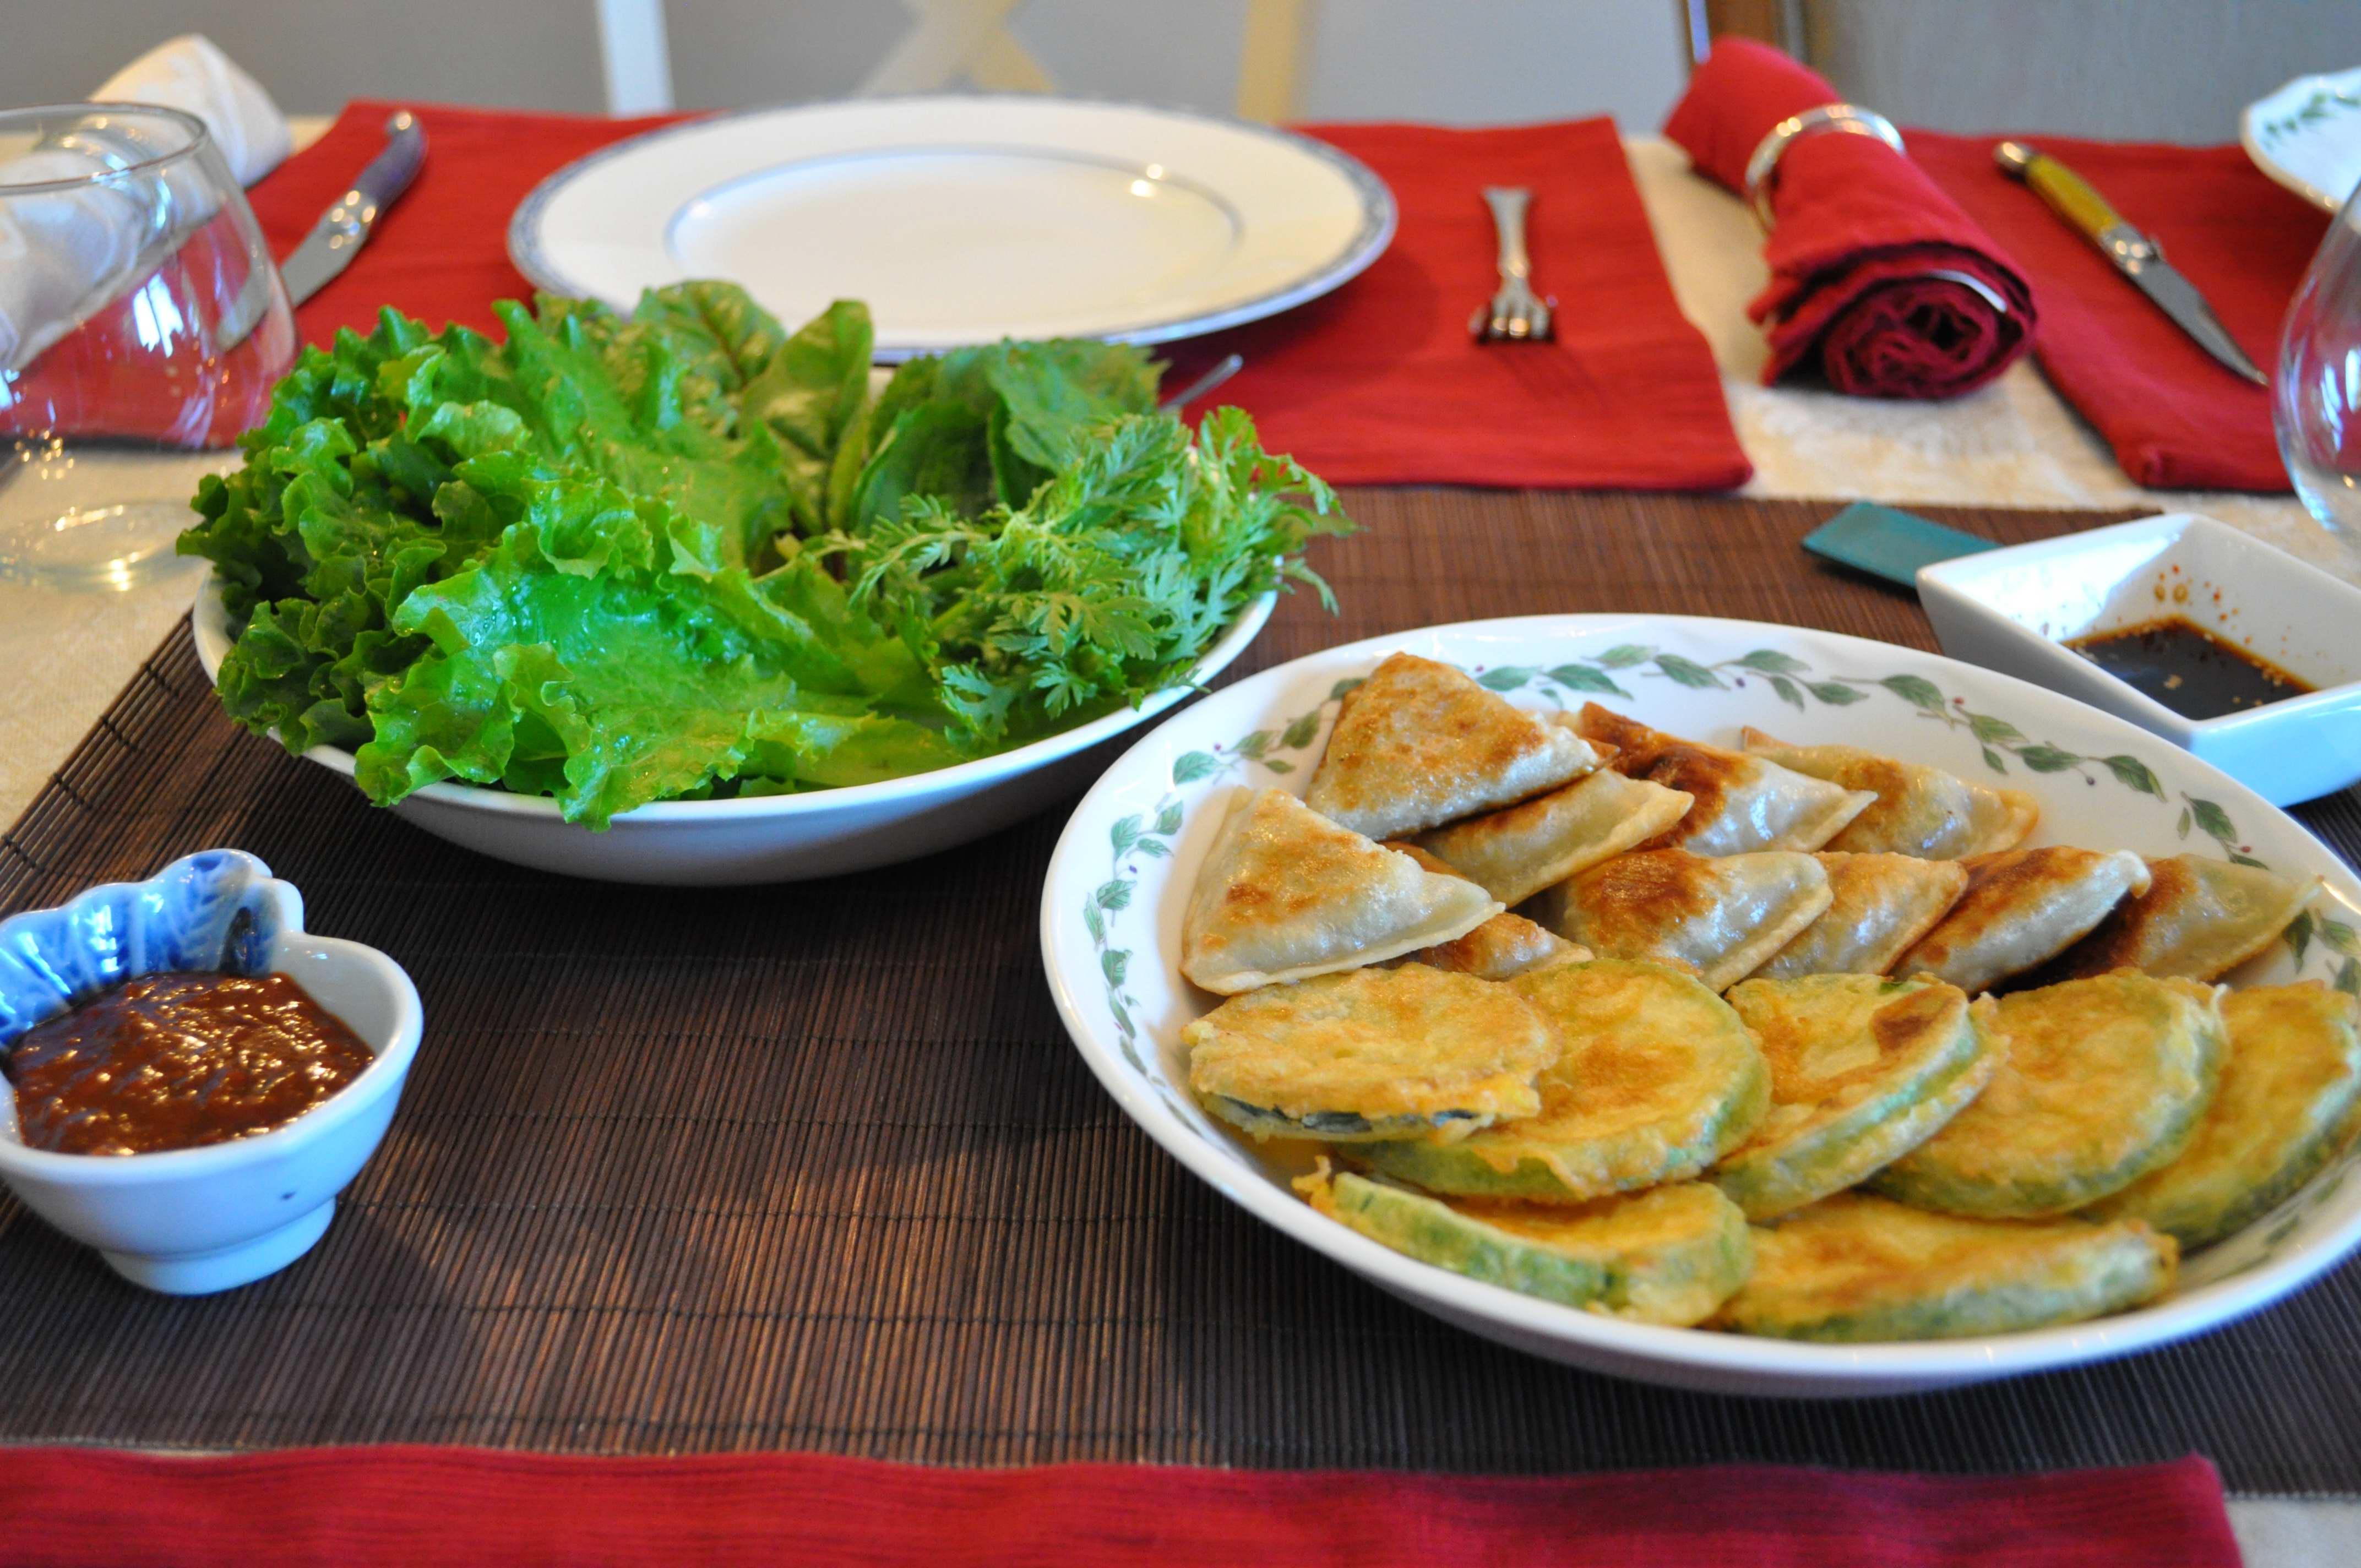 ssamjang, ssam, dumplings, hobahkjeon, soy sauce